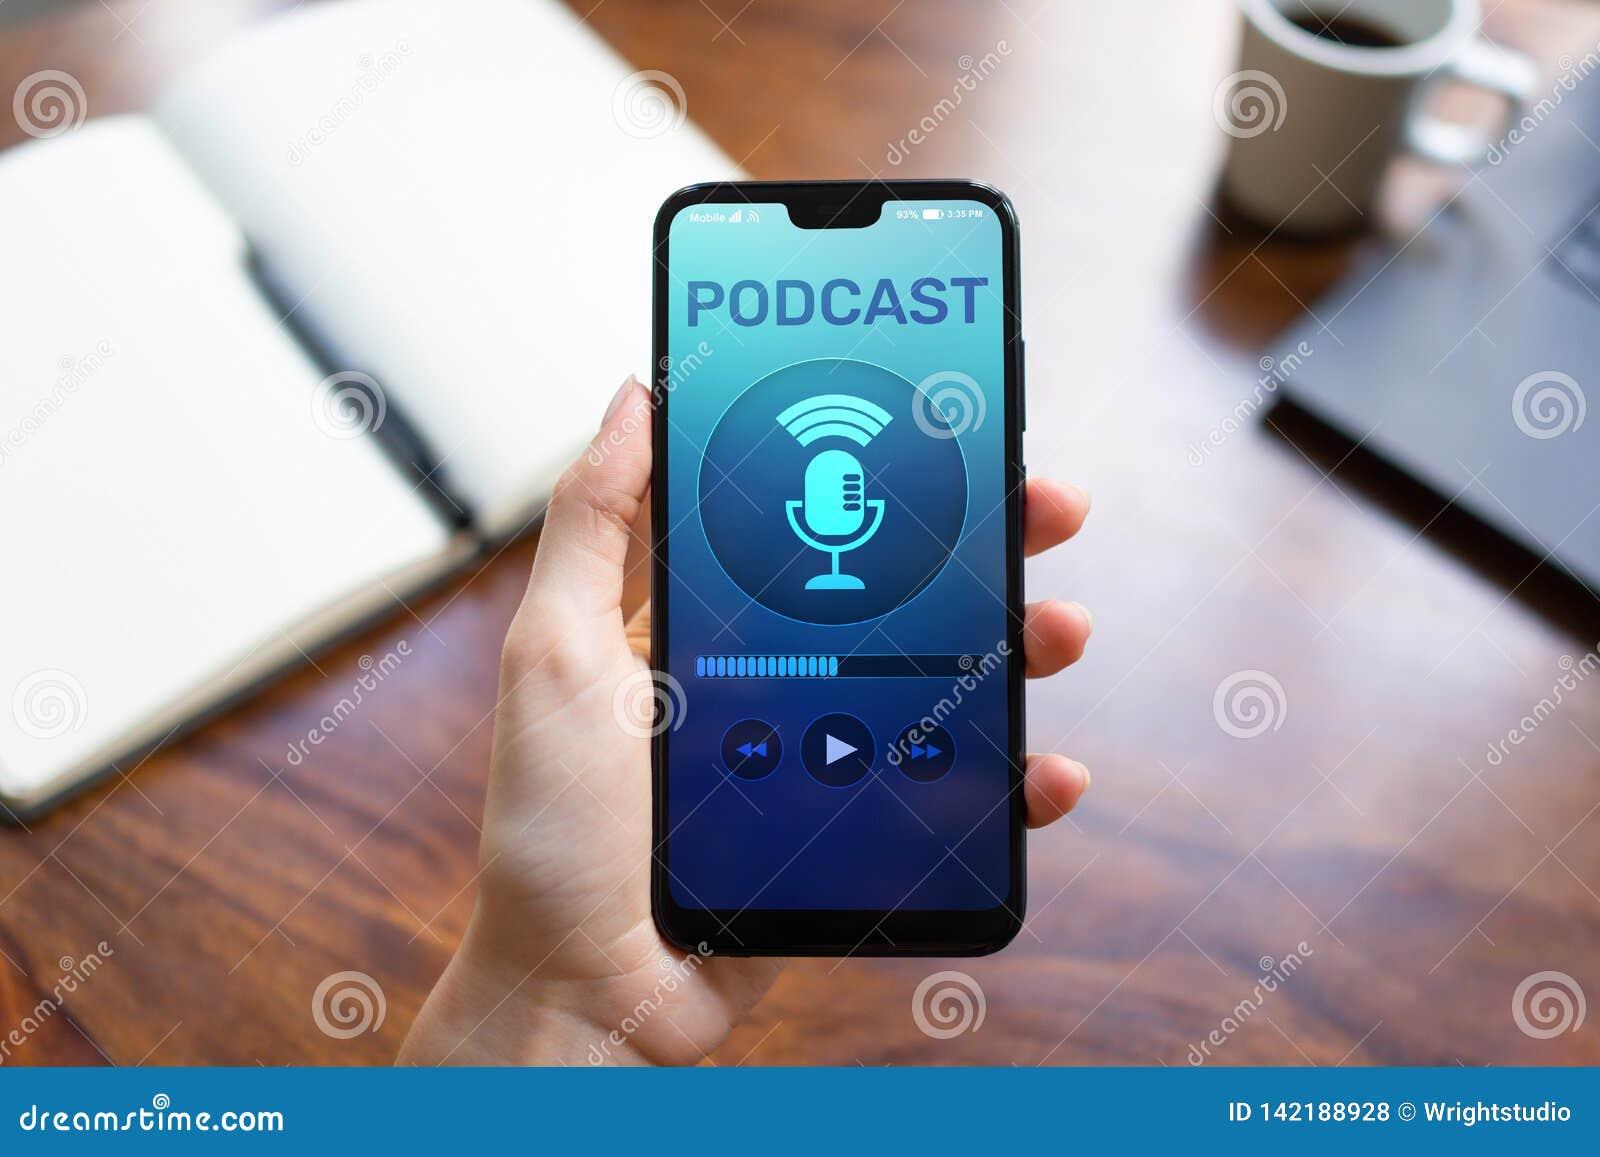 Podcast het spelen of het registreren toepassing op het mobiele telefoonscherm Radio de media van Internet concept